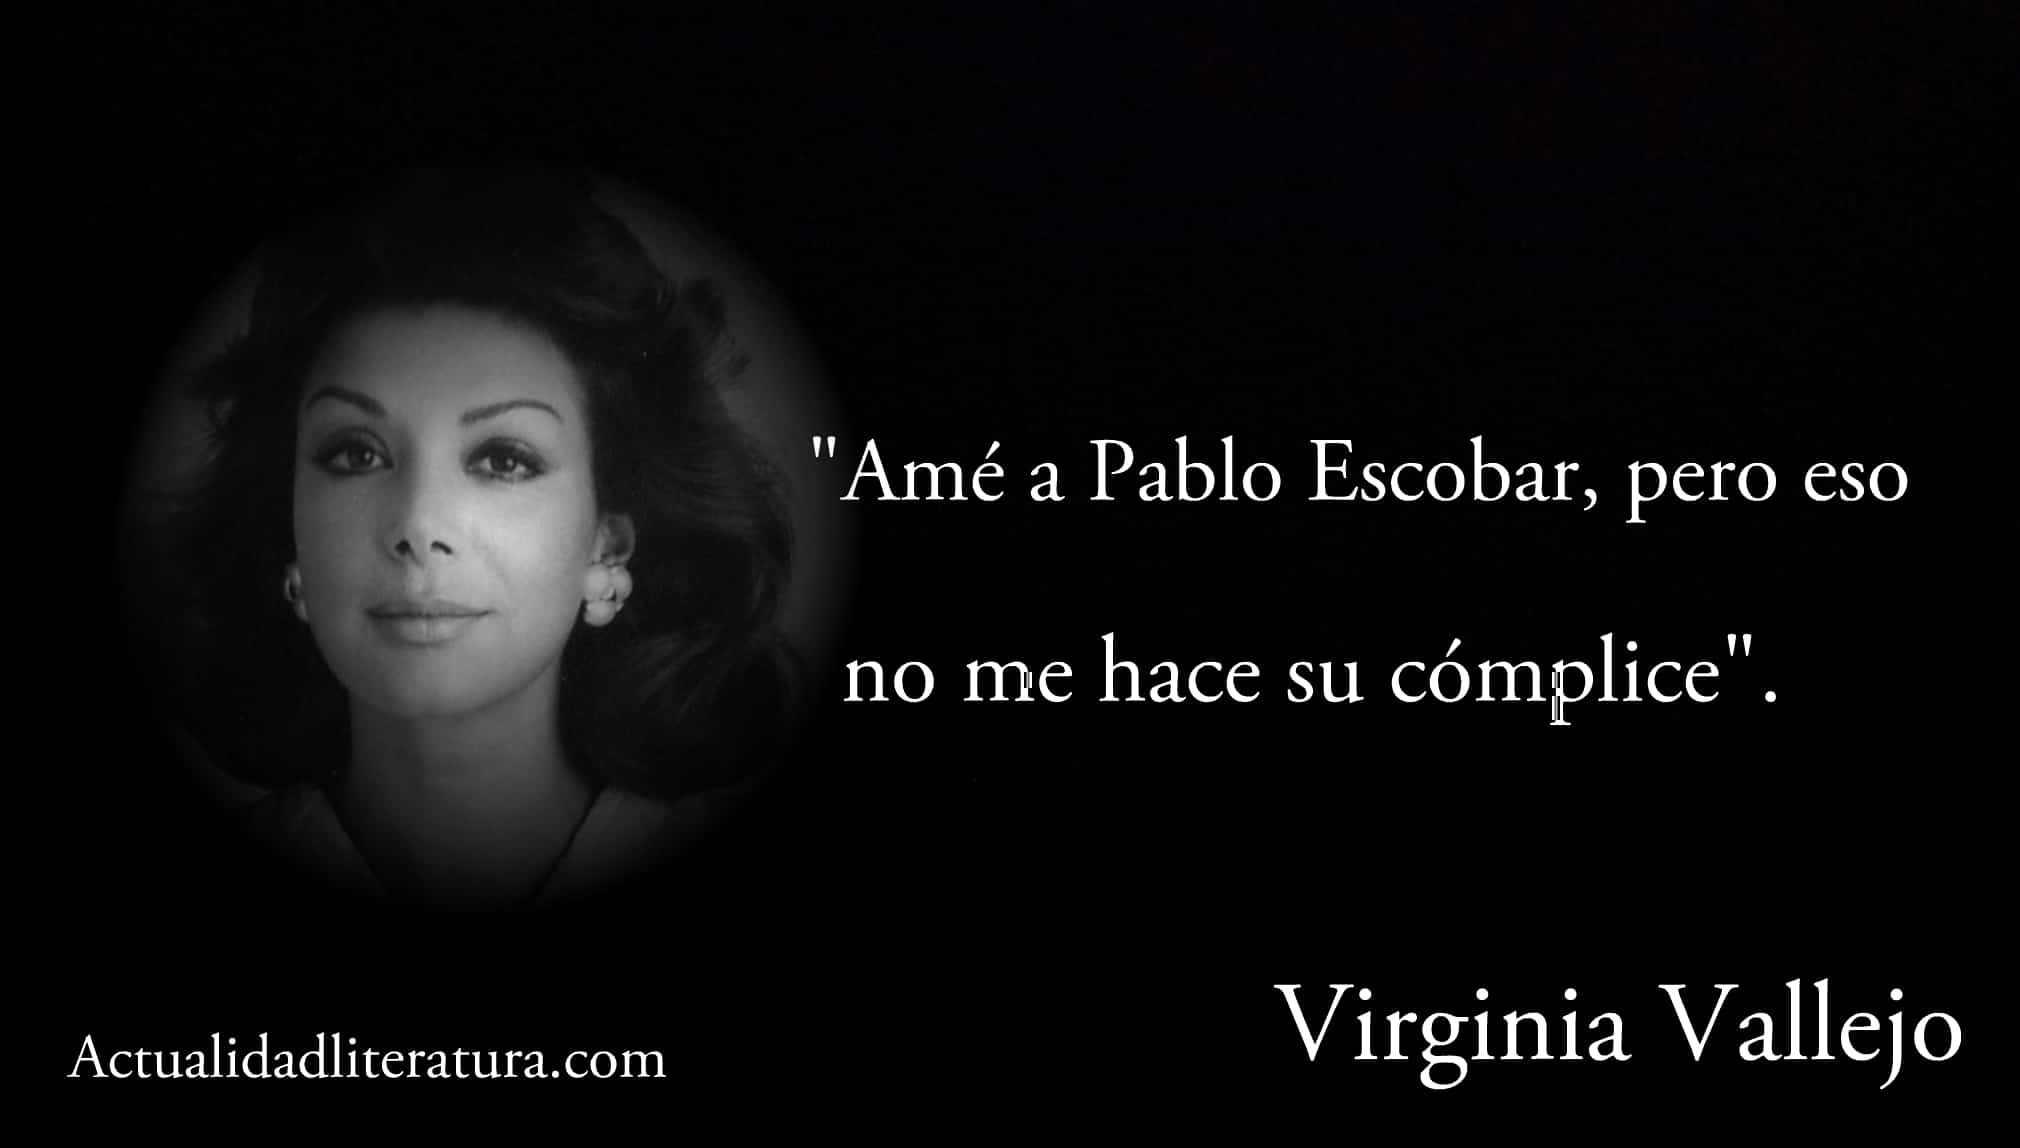 Frase de Virginia Vallejo.